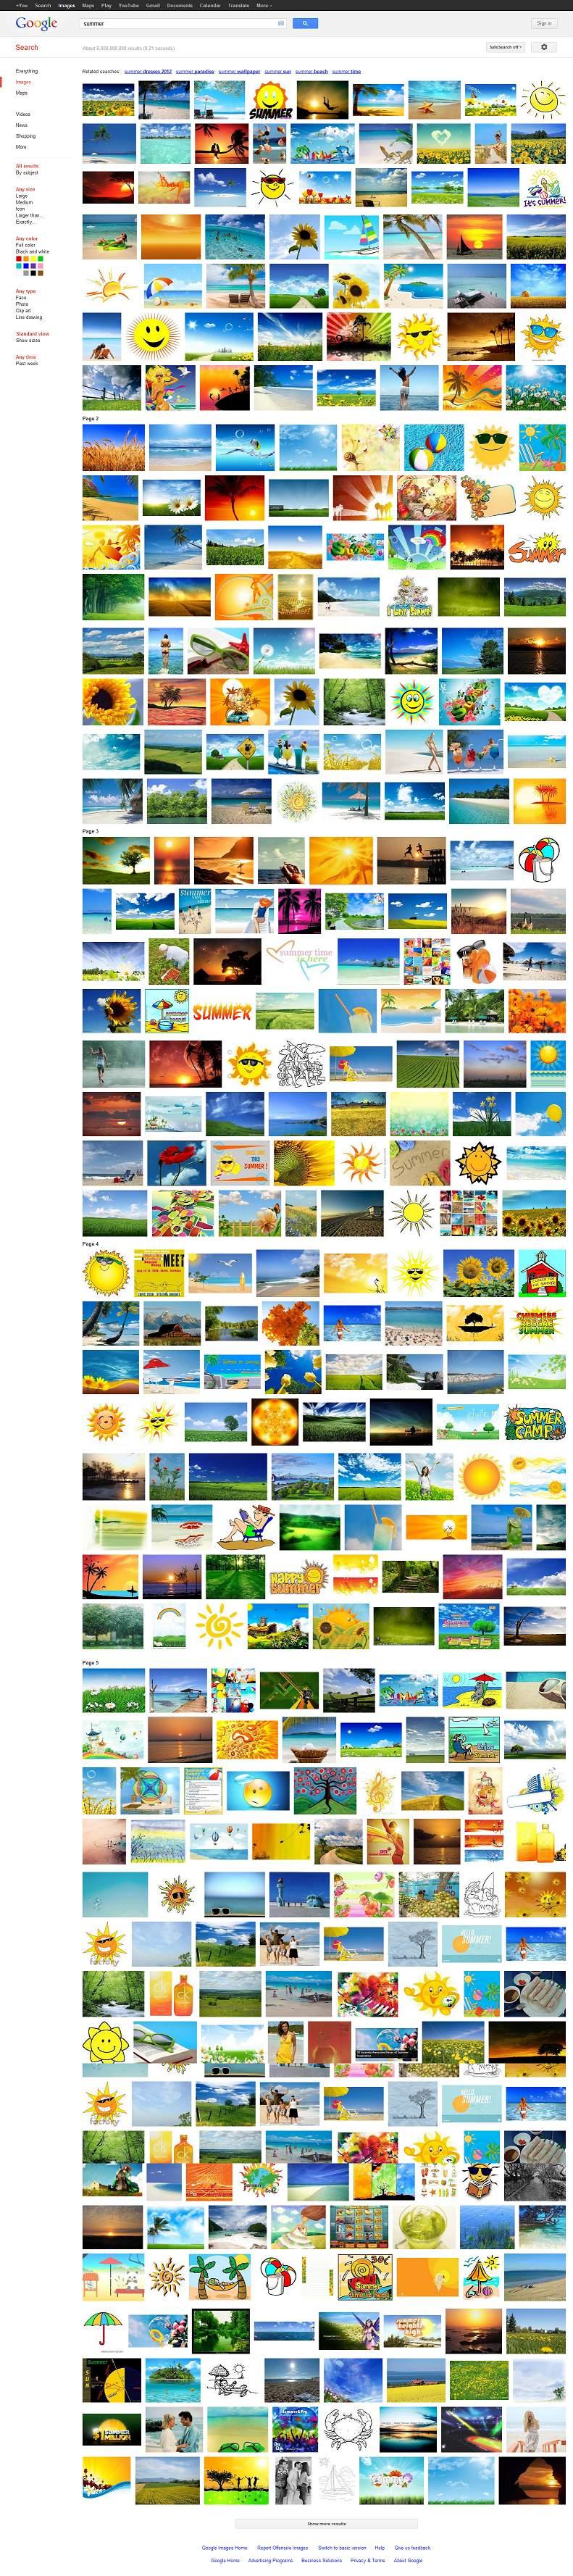 google-summer-en-2012-50